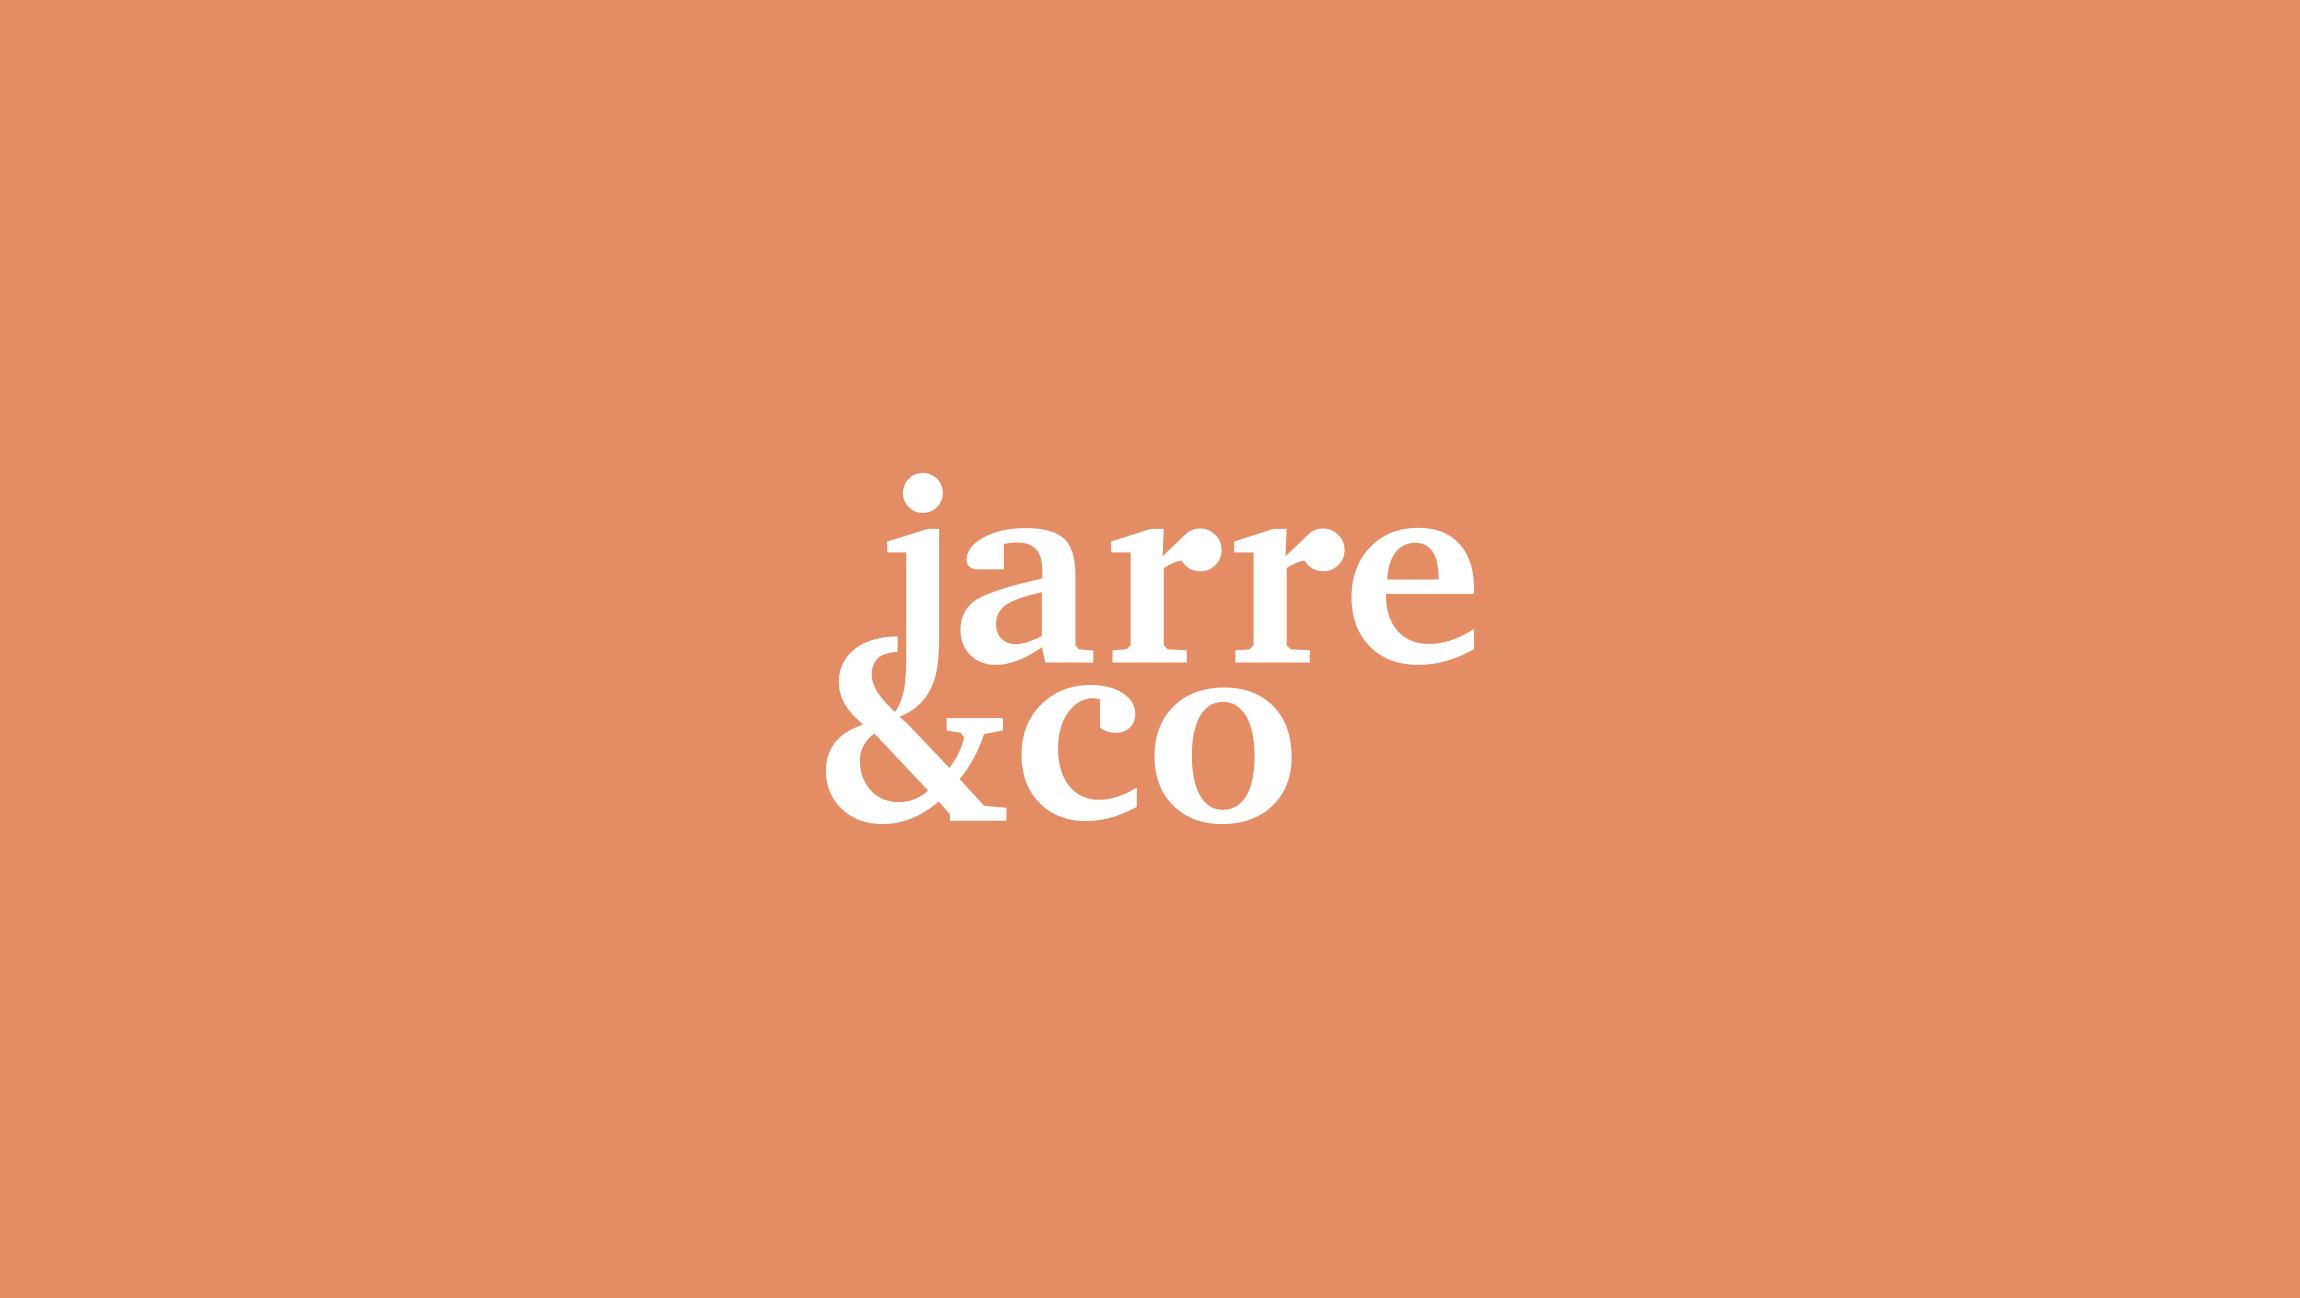 Jarre & Co